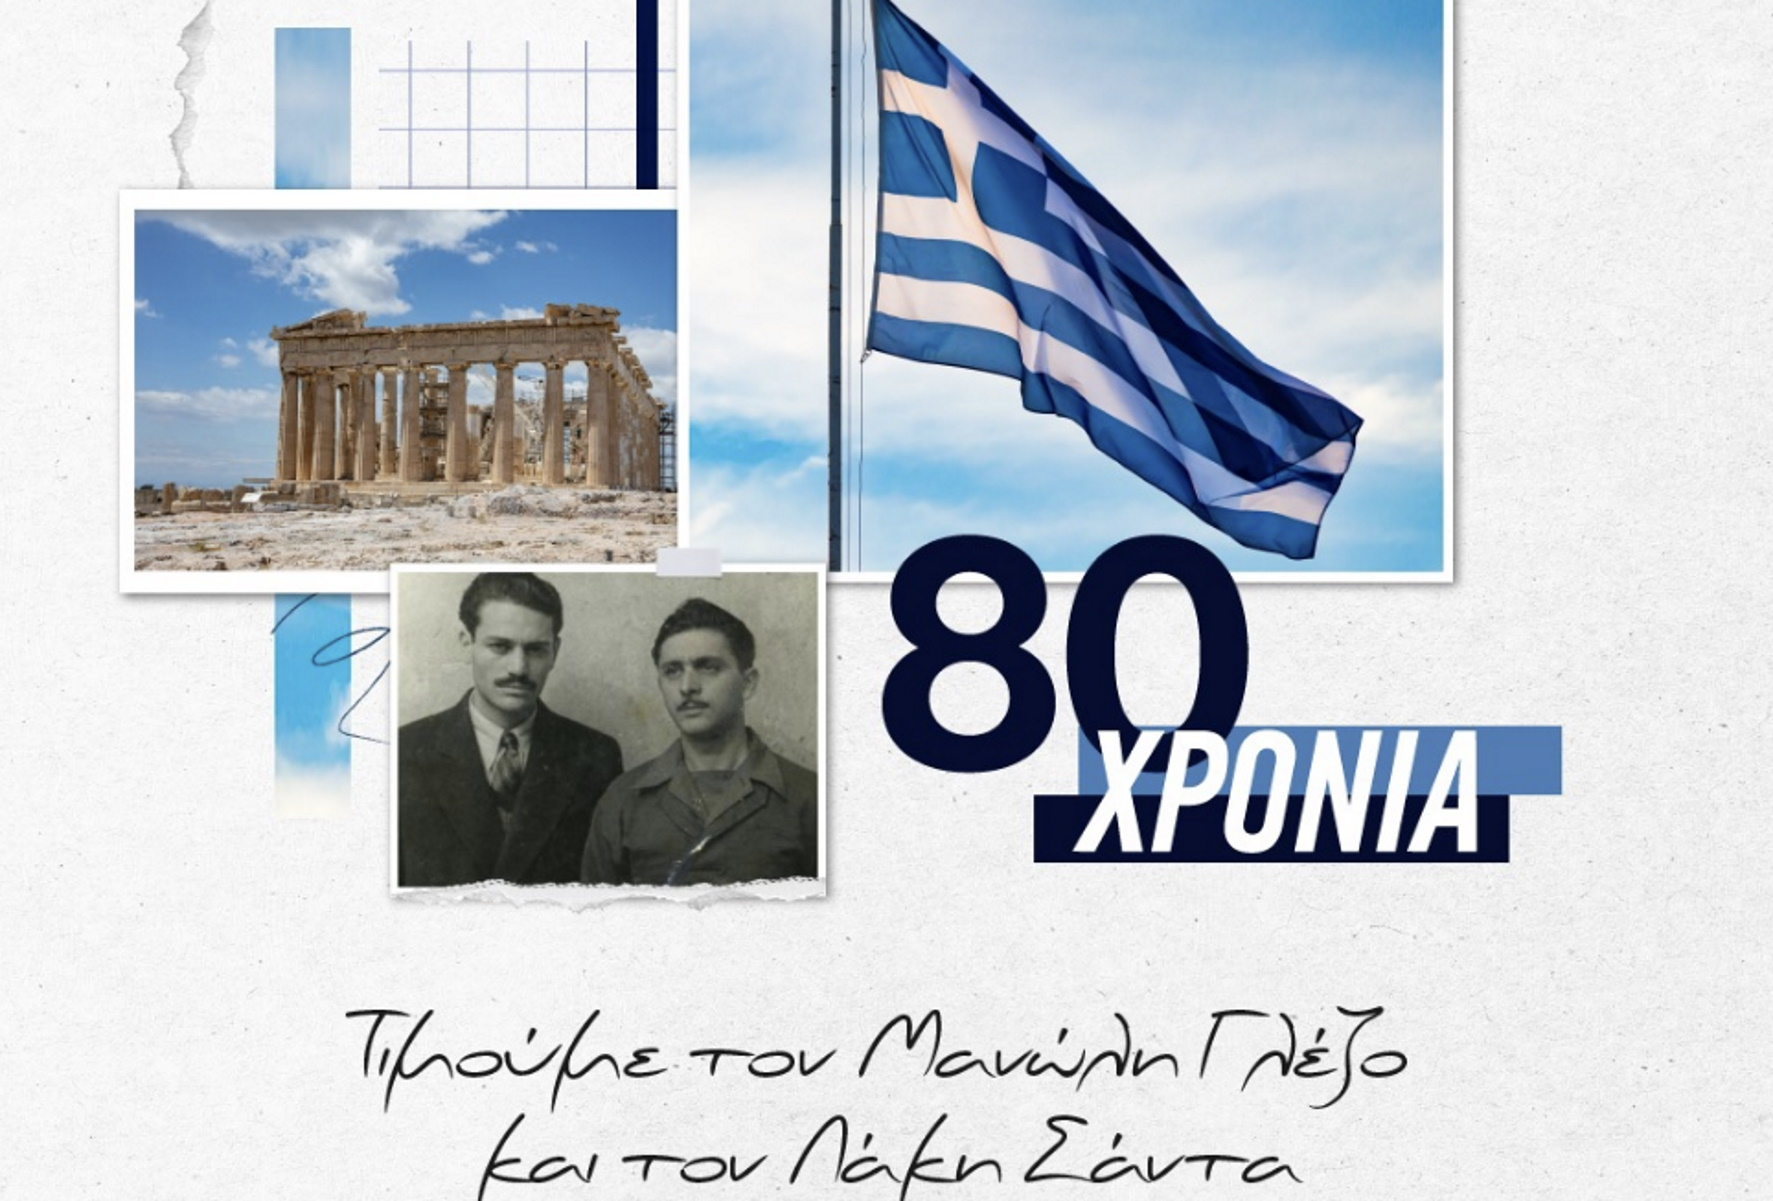 Μητσοτάκης για Γλέζο και Σάντα: Η ελληνική σημαία για πάντα στην Ακρόπολη